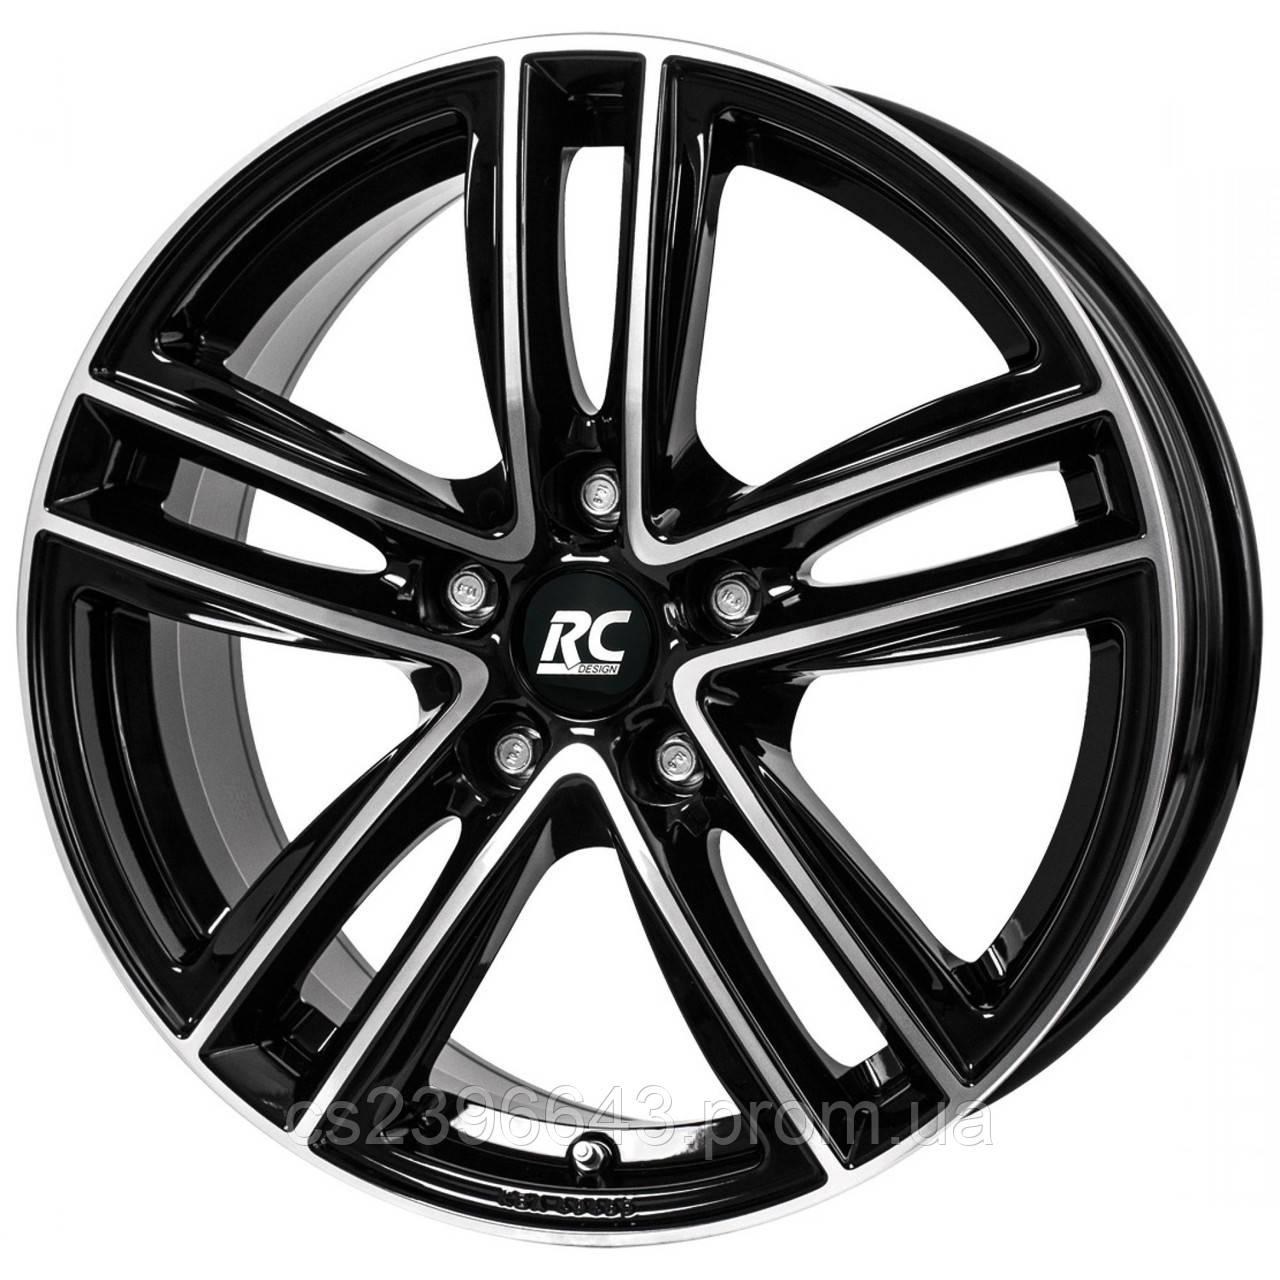 Колесный диск RC Design RC27 18x8 ET42,5